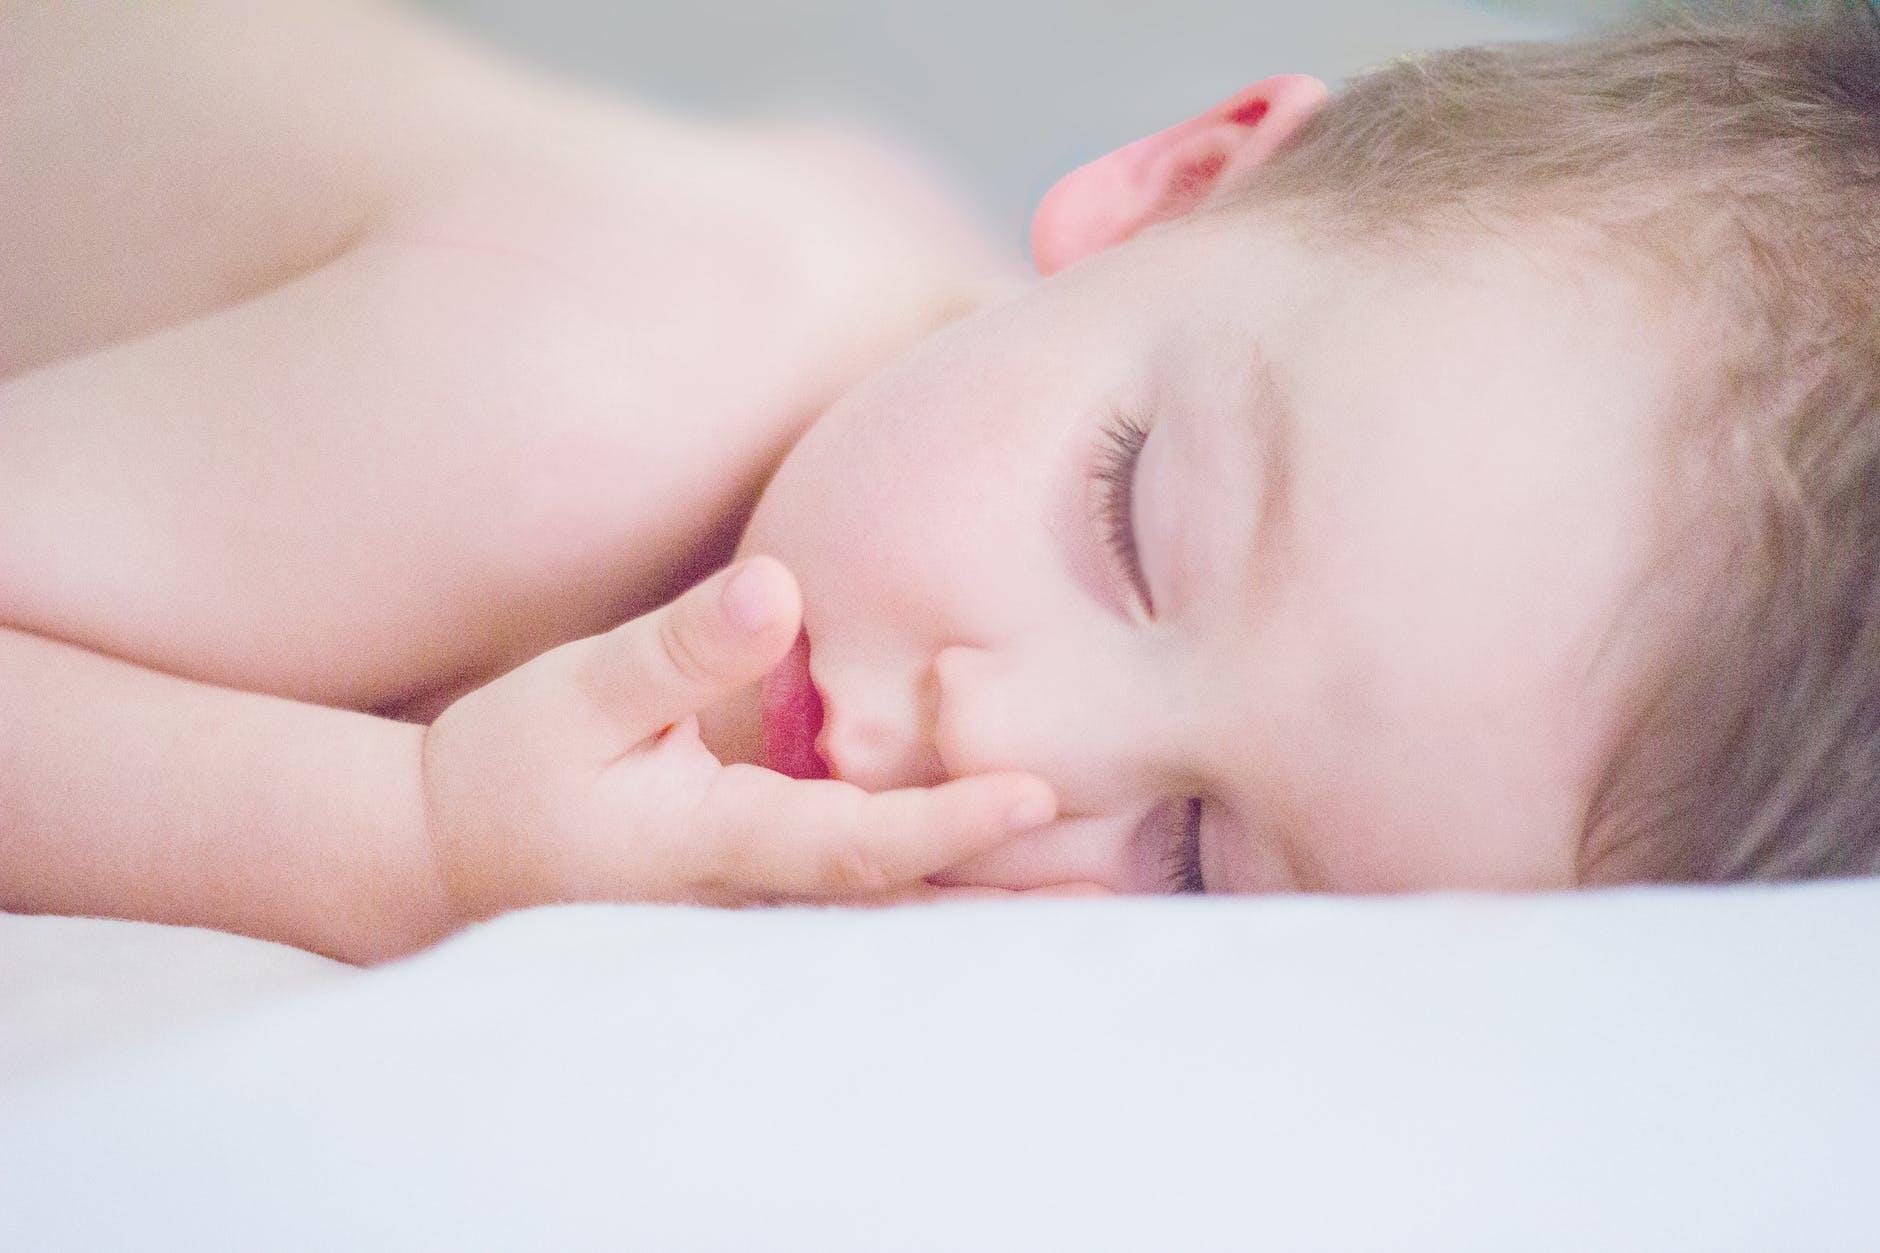 睡得好更聪明,如何让宝贝拥有完美睡眠